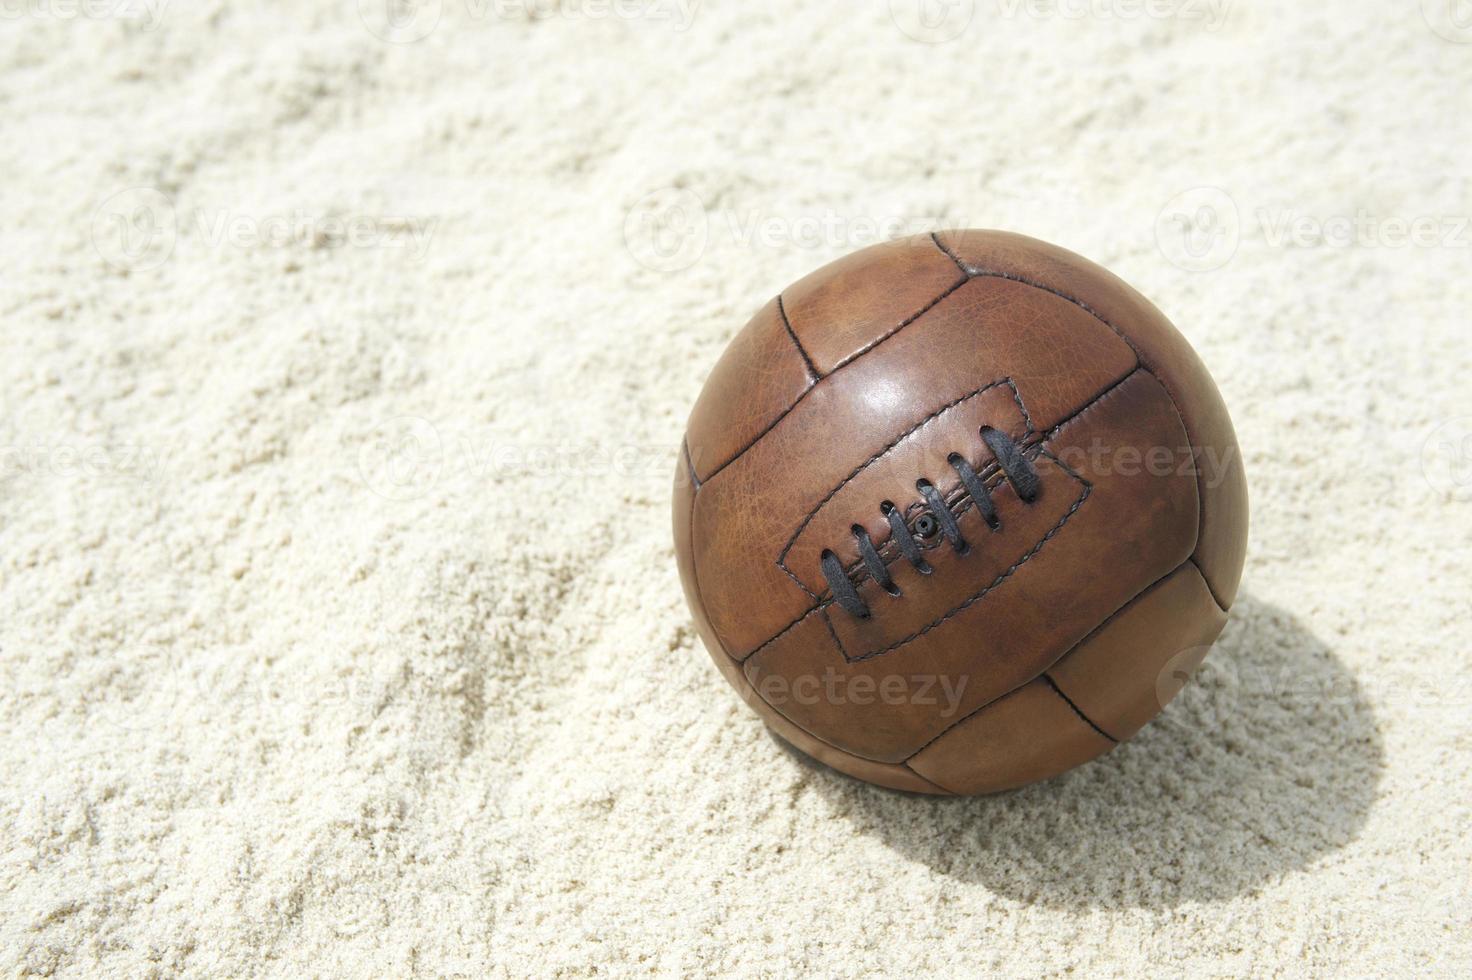 vintage brun fotboll fotboll boll sandstrand bakgrund foto